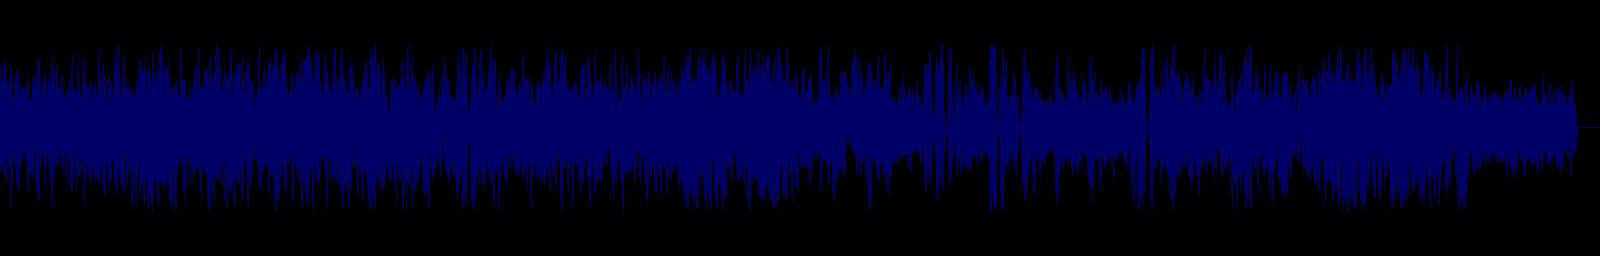 waveform of track #131451